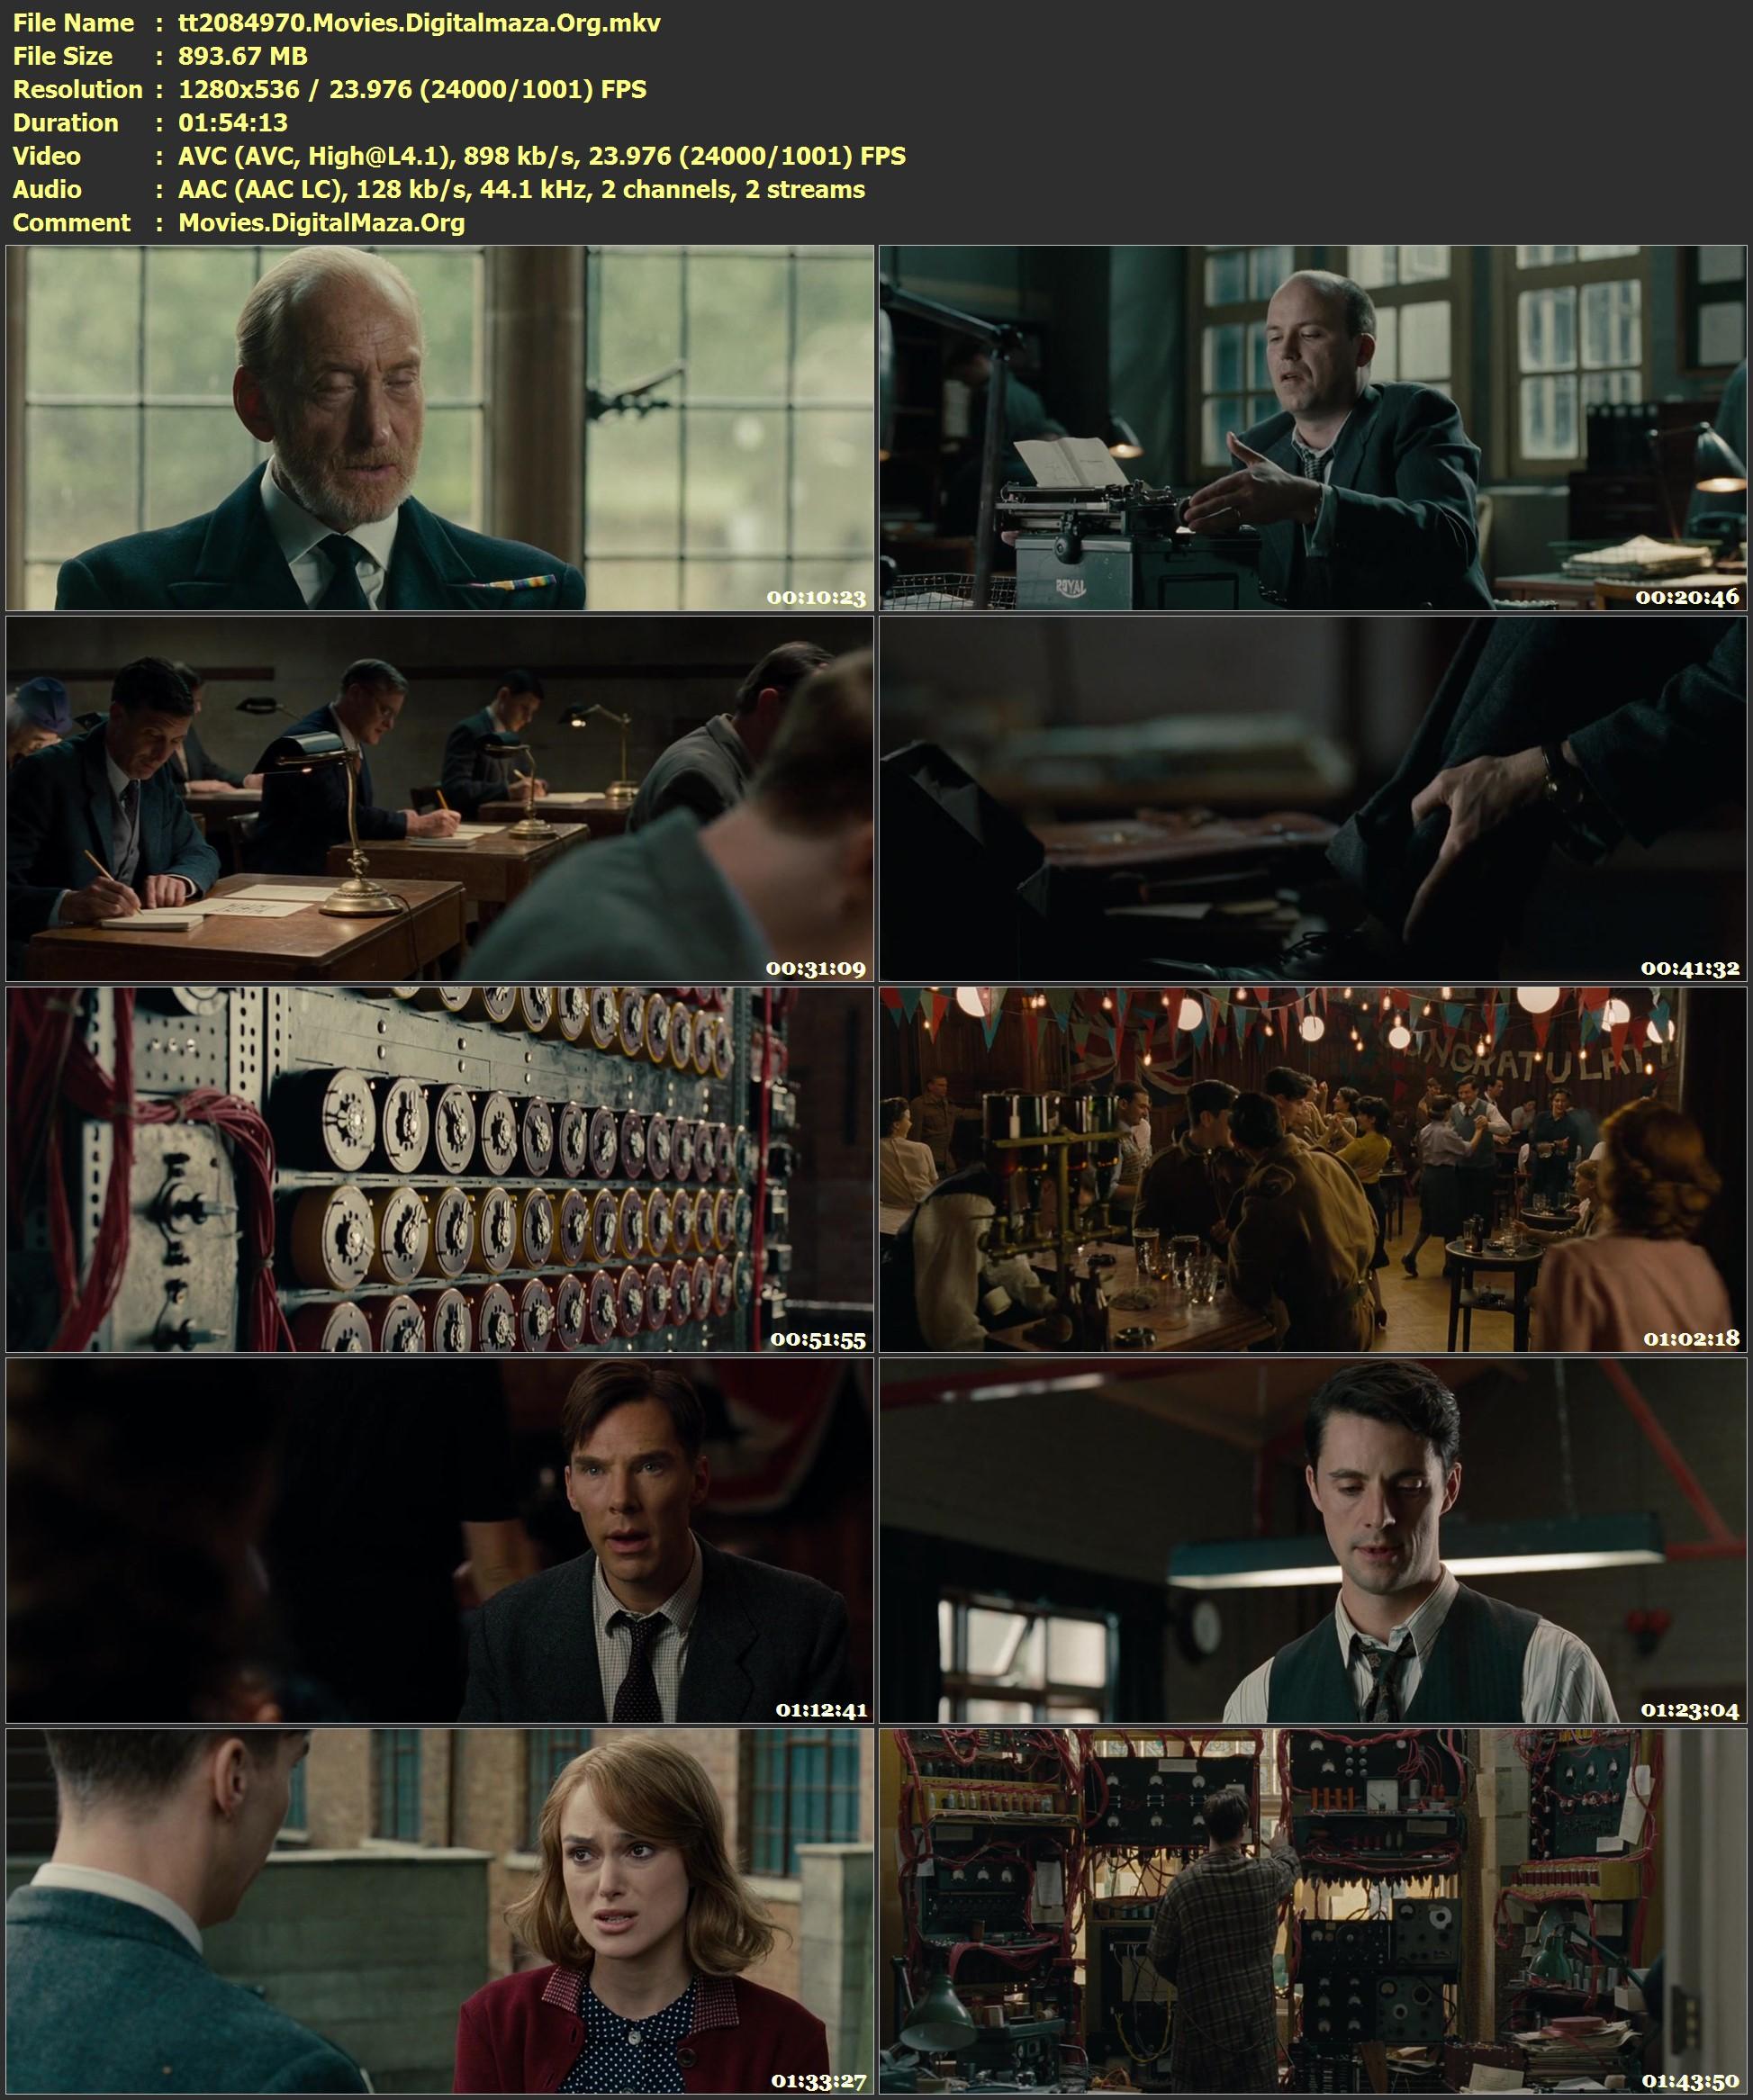 https://image.ibb.co/hoSkuc/tt2084970_Movies_Digitalmaza_Org_mkv.jpg